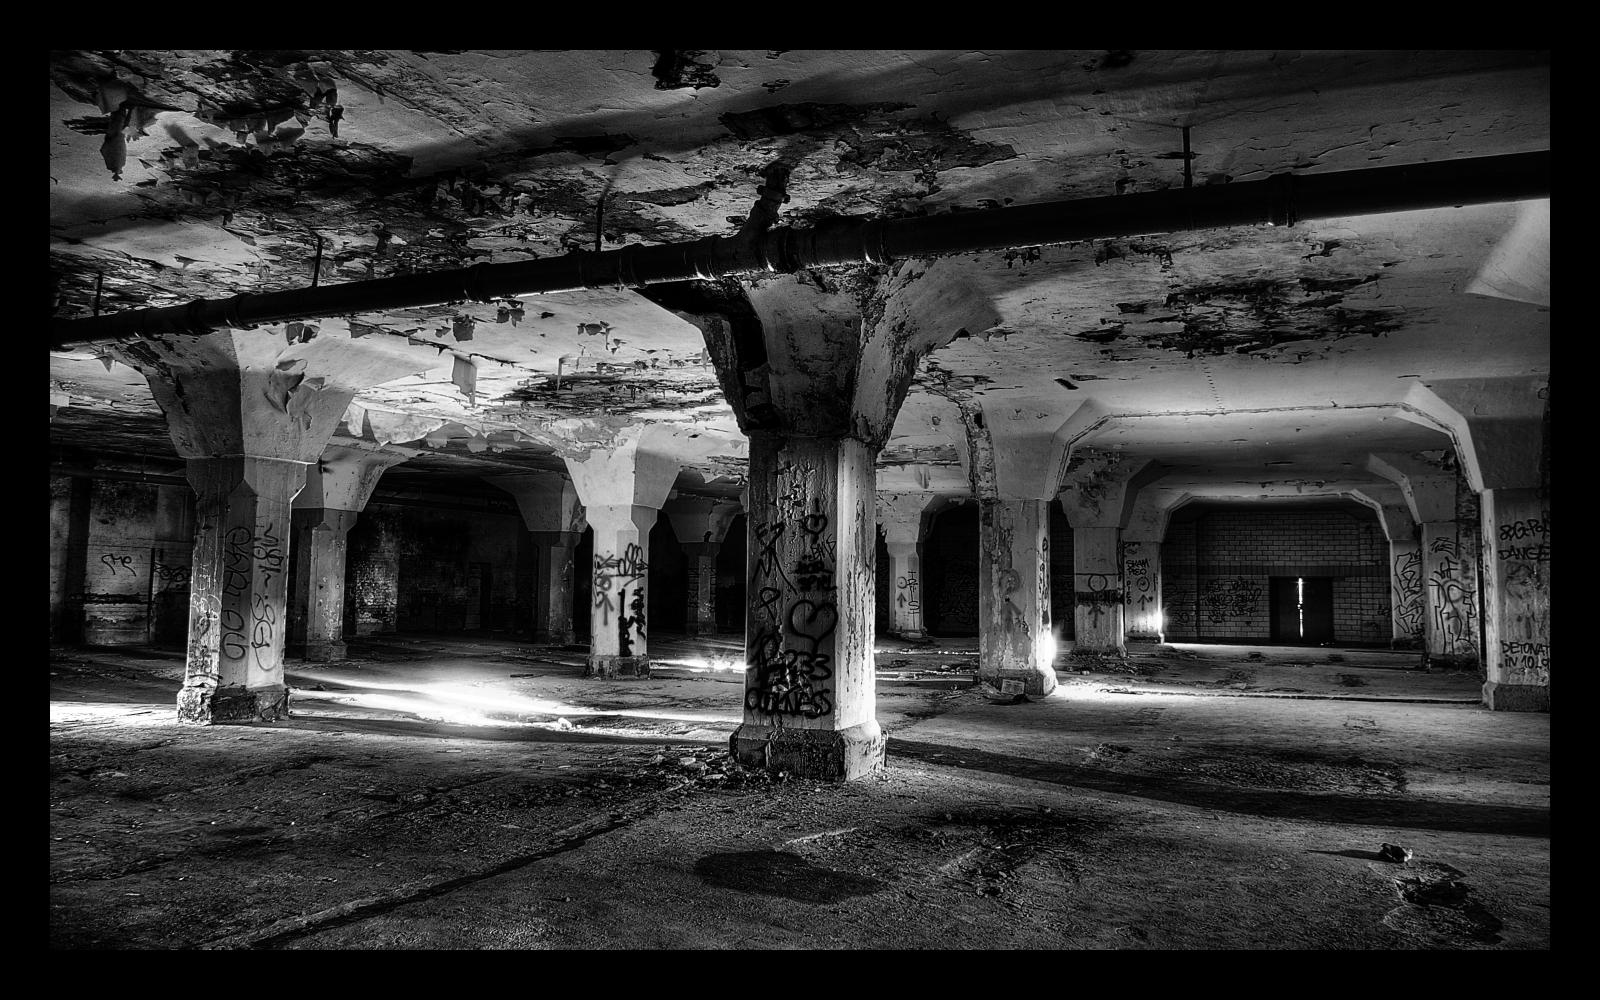 Fotografía:  Catacombs by Brandybuck